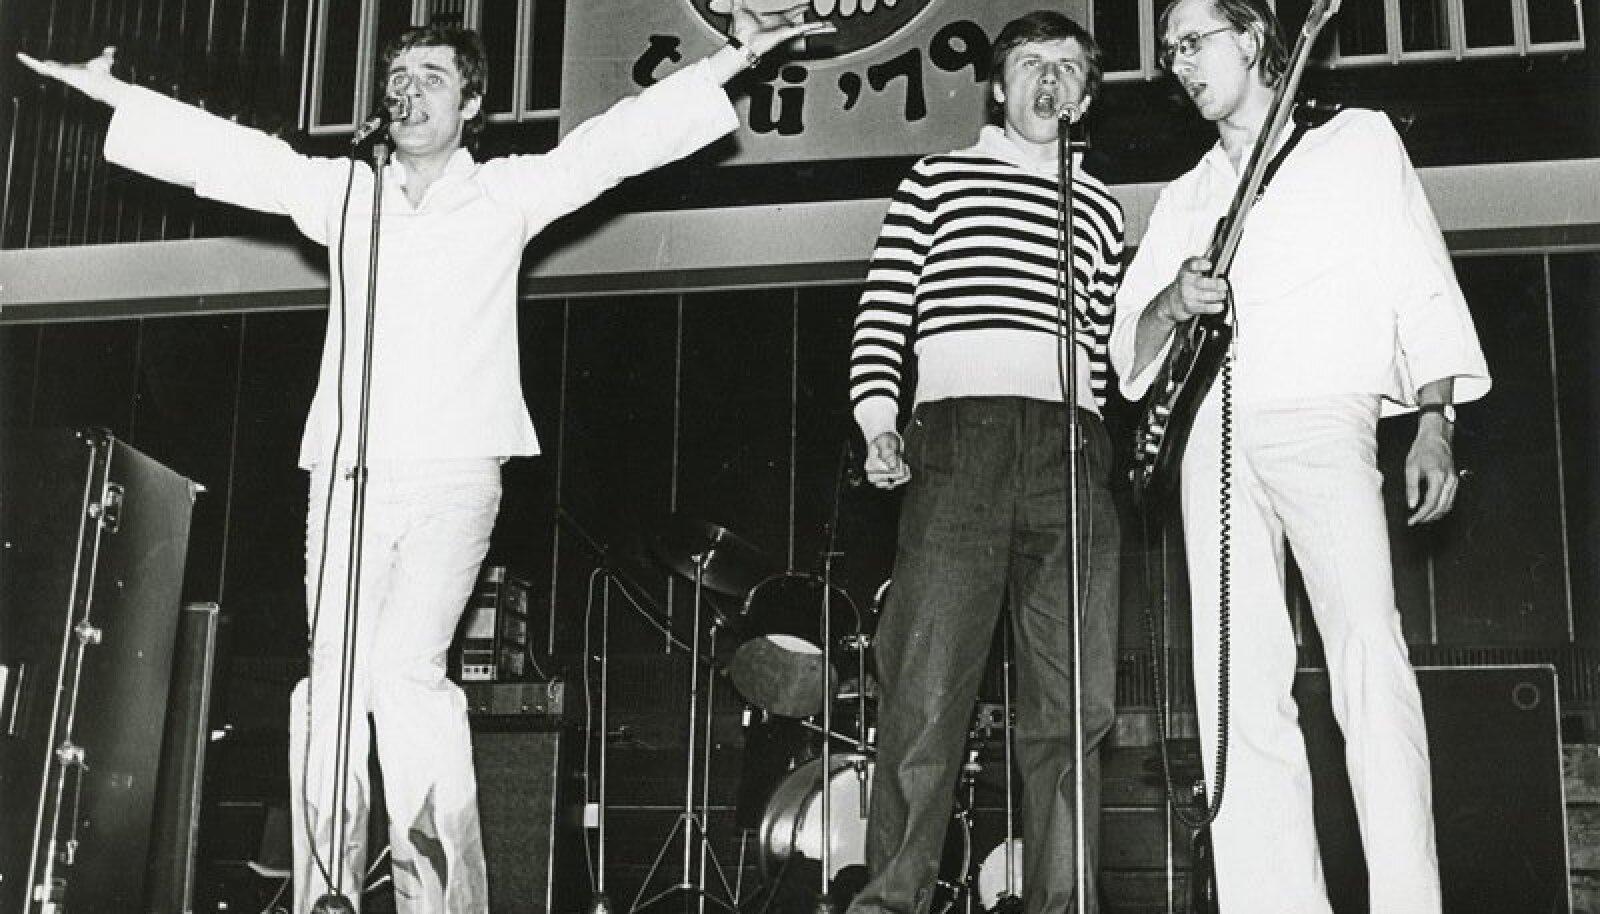 Ansambel Ruja. Tartu levimuusikapäevad '79 kontsert Vanemuise kontserdisaalis